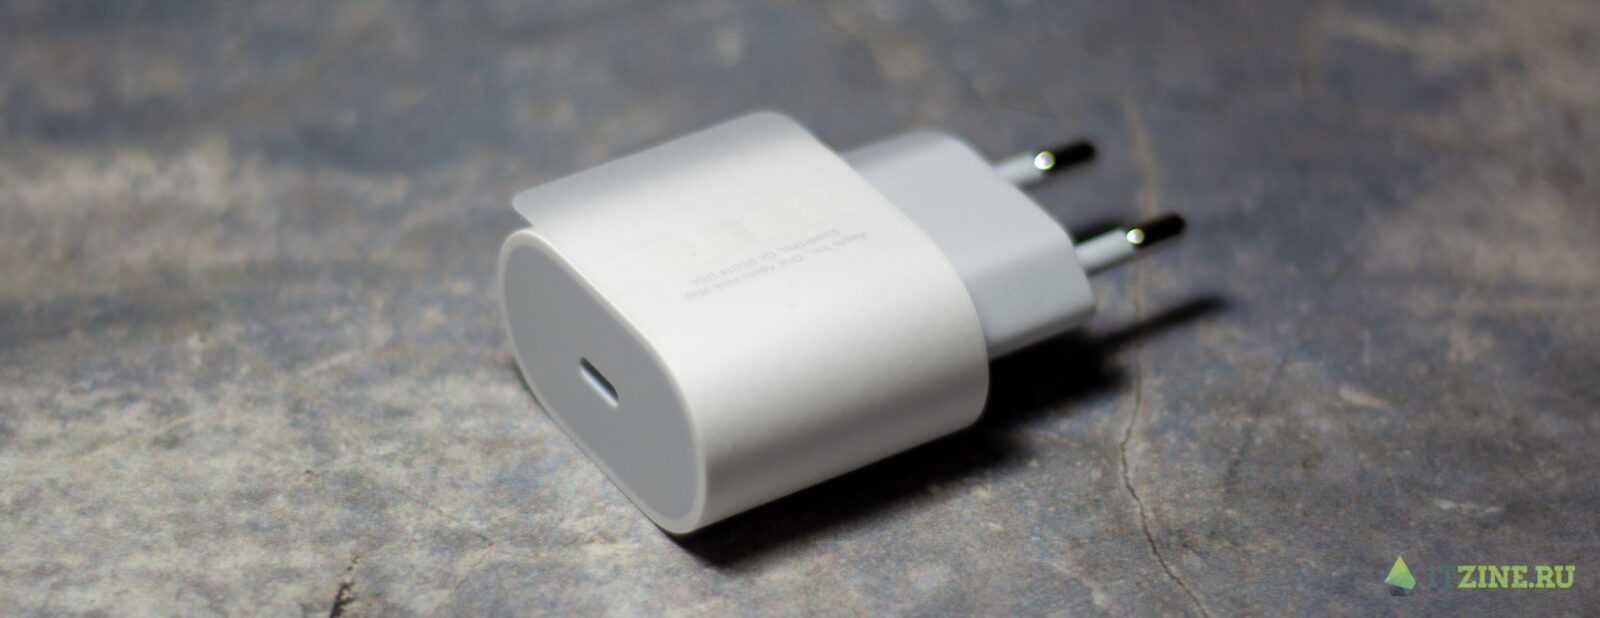 Обзор Apple MagSafe для iPhone 12 (apple magsafe 05)